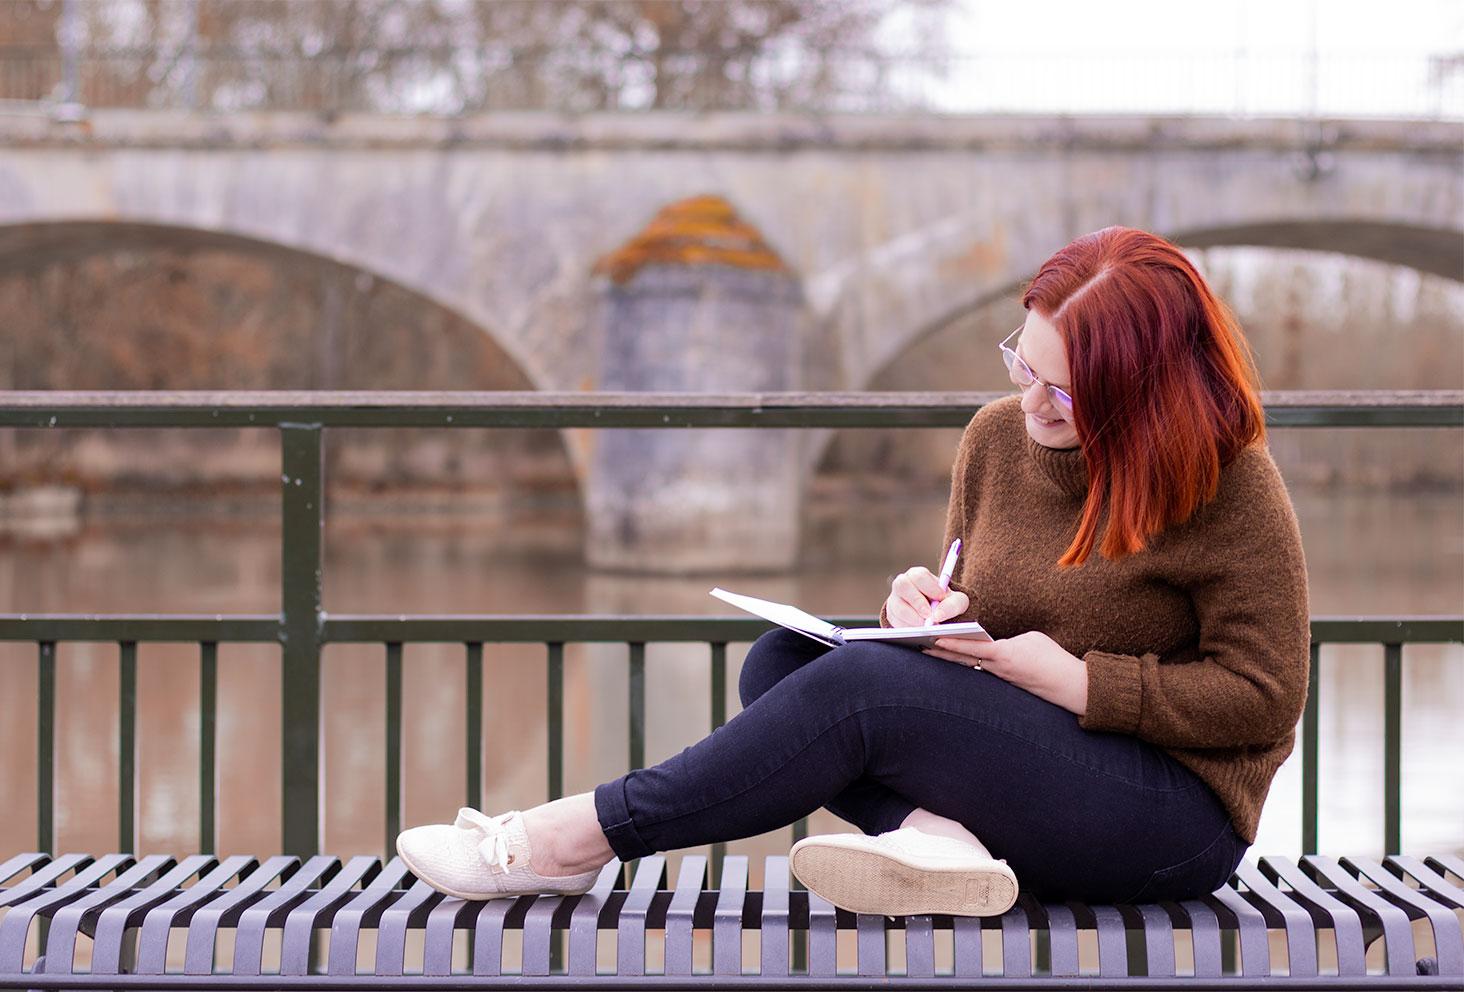 Assise sur un banc devant la rivière, en train d'écrire avec envie dans un carnet, en jean noir et pull à col roulé marron